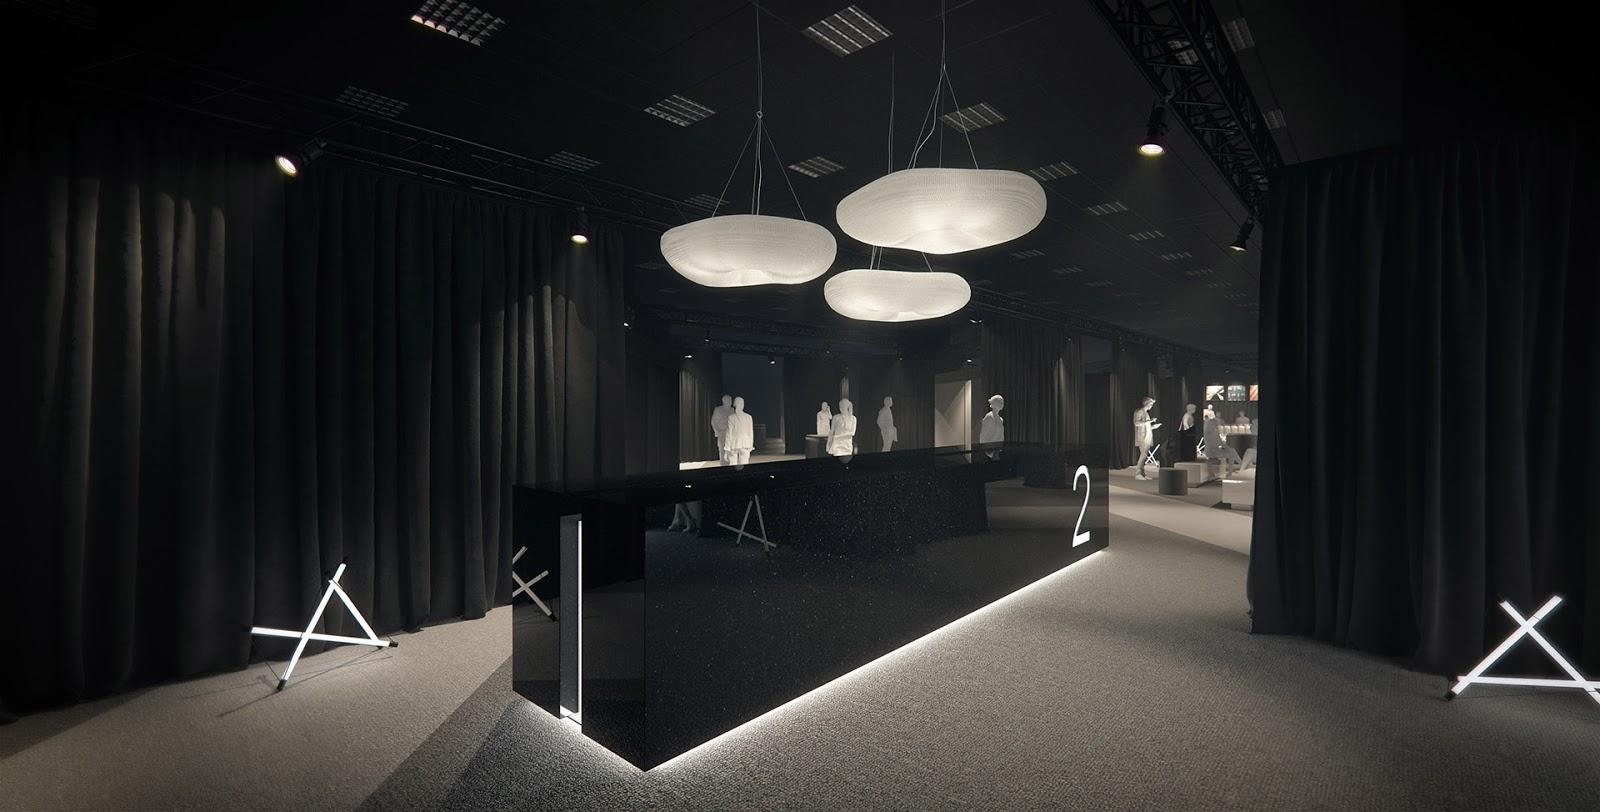 renders by helix digital / design by Helen Brasinika - Bllend Design Office